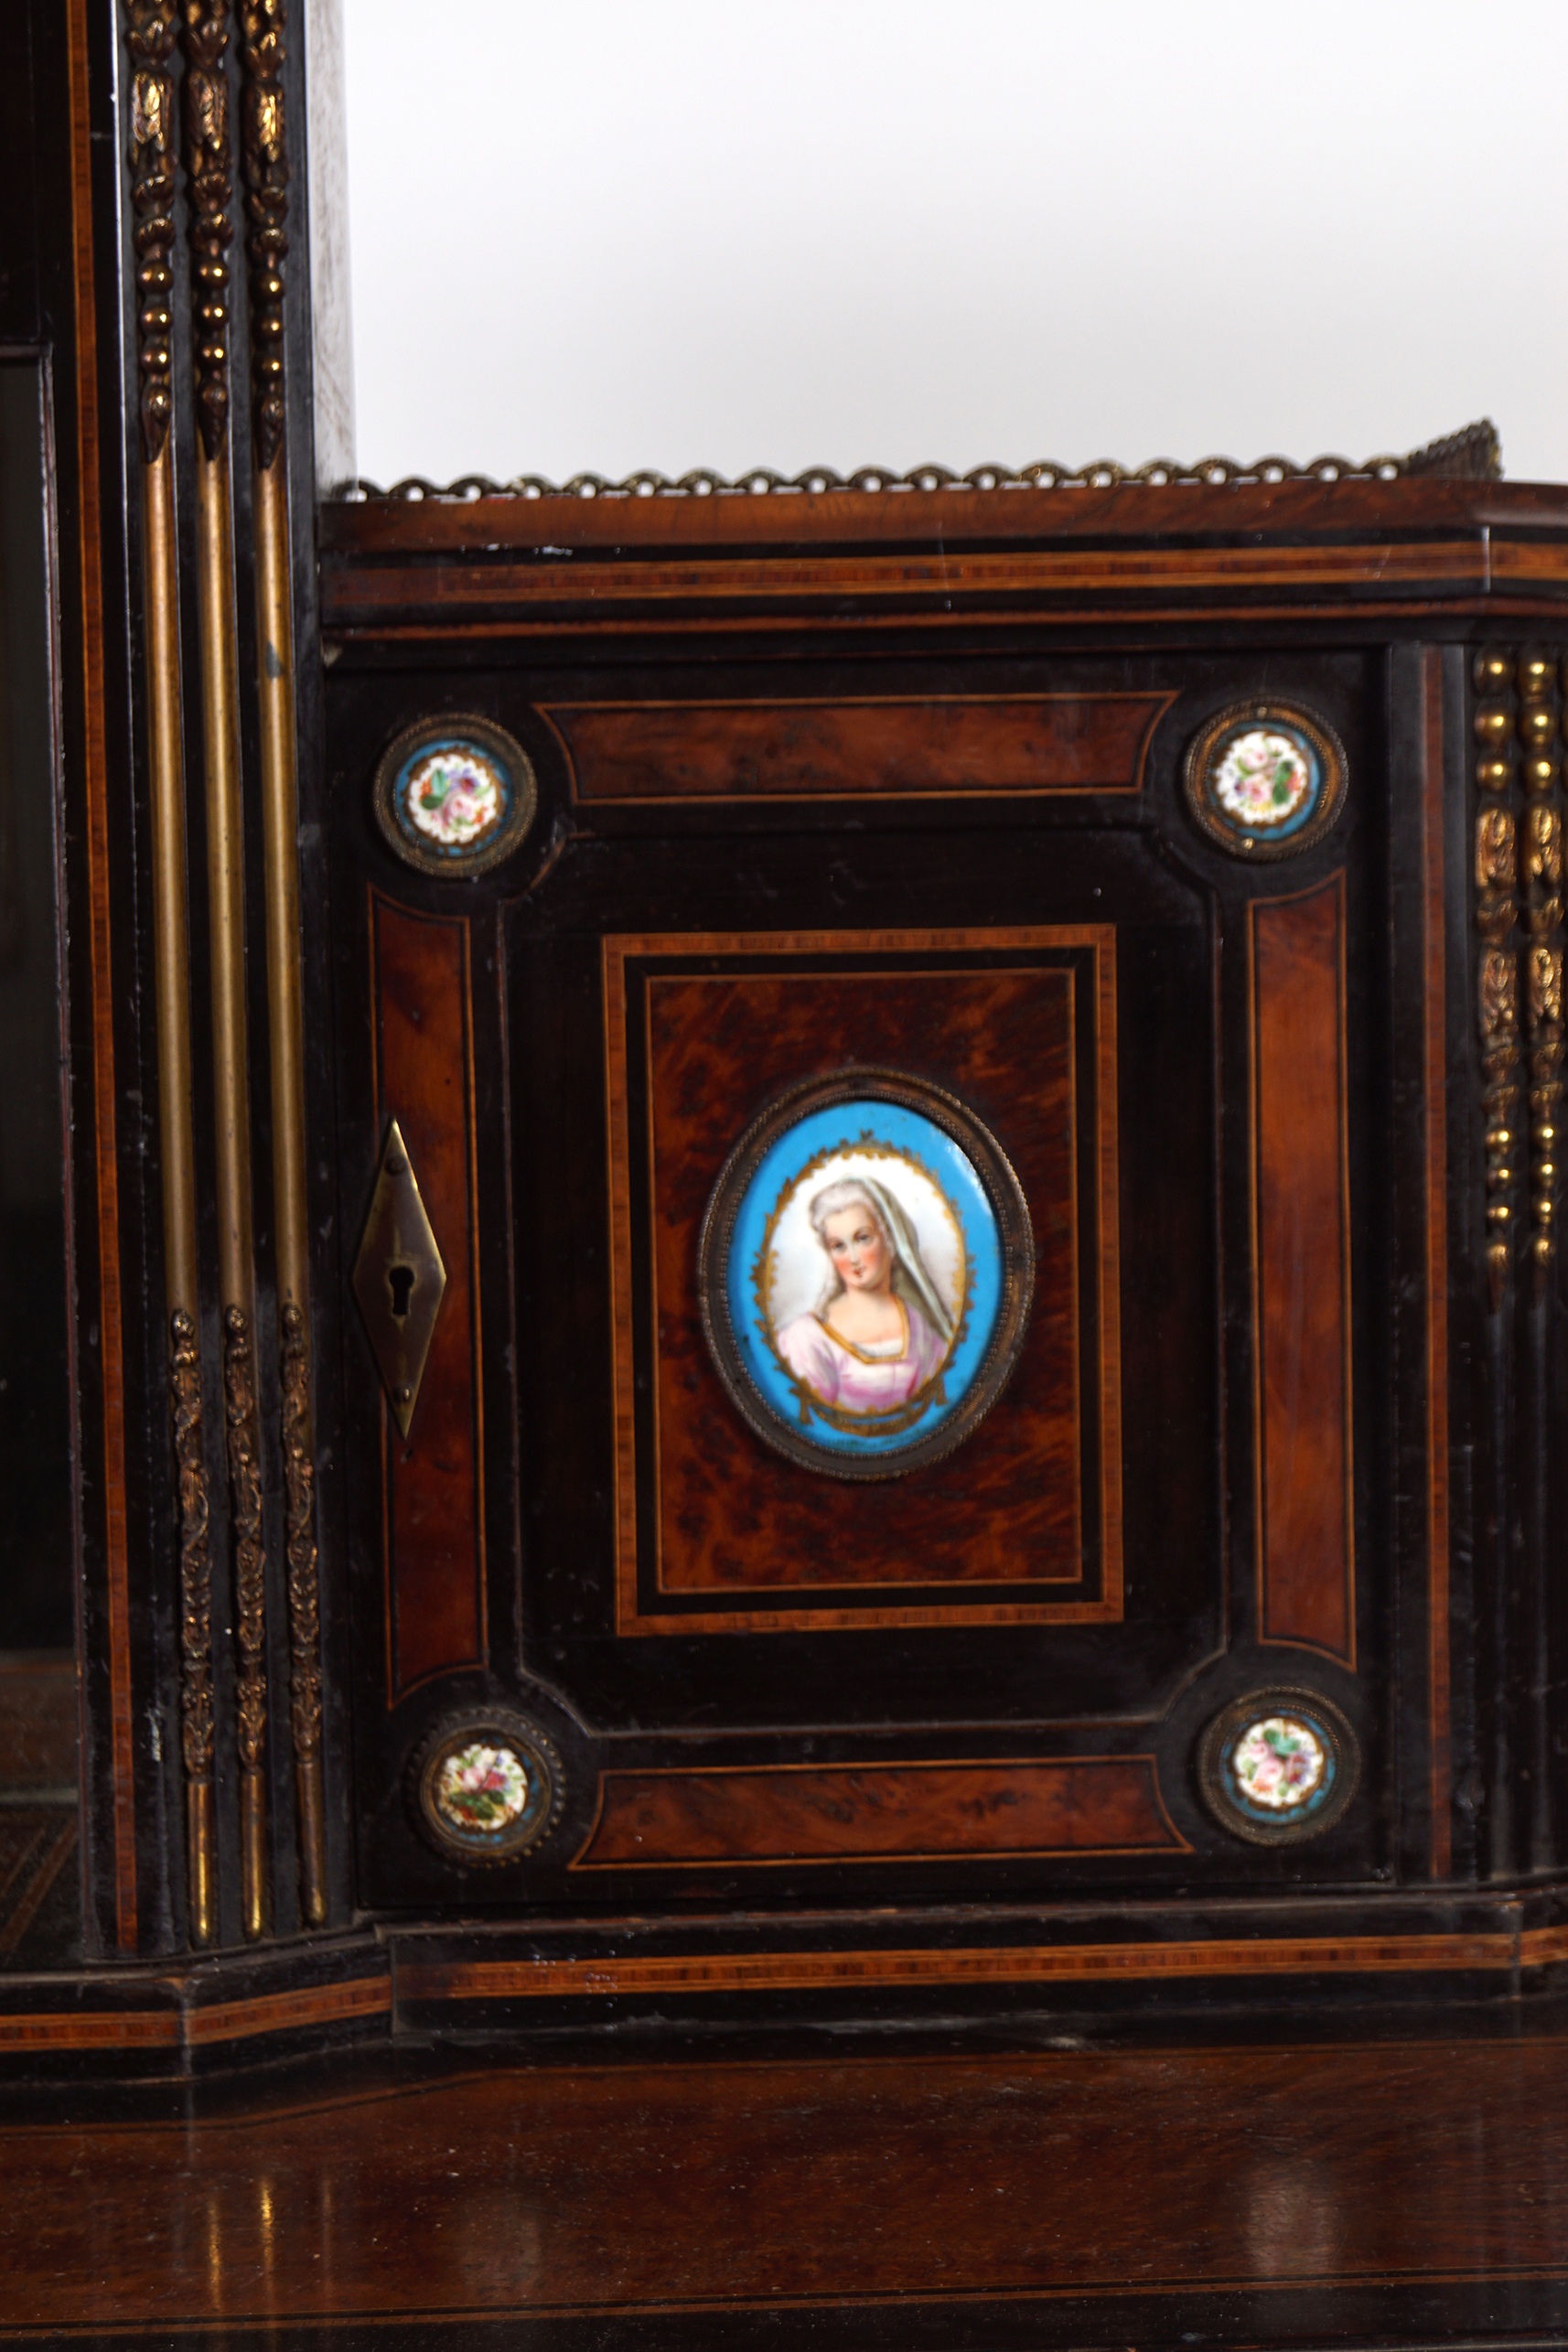 19TH-CENTURY EBONY AND AMBOYNA BONHEUR DU JOUR - Image 2 of 5